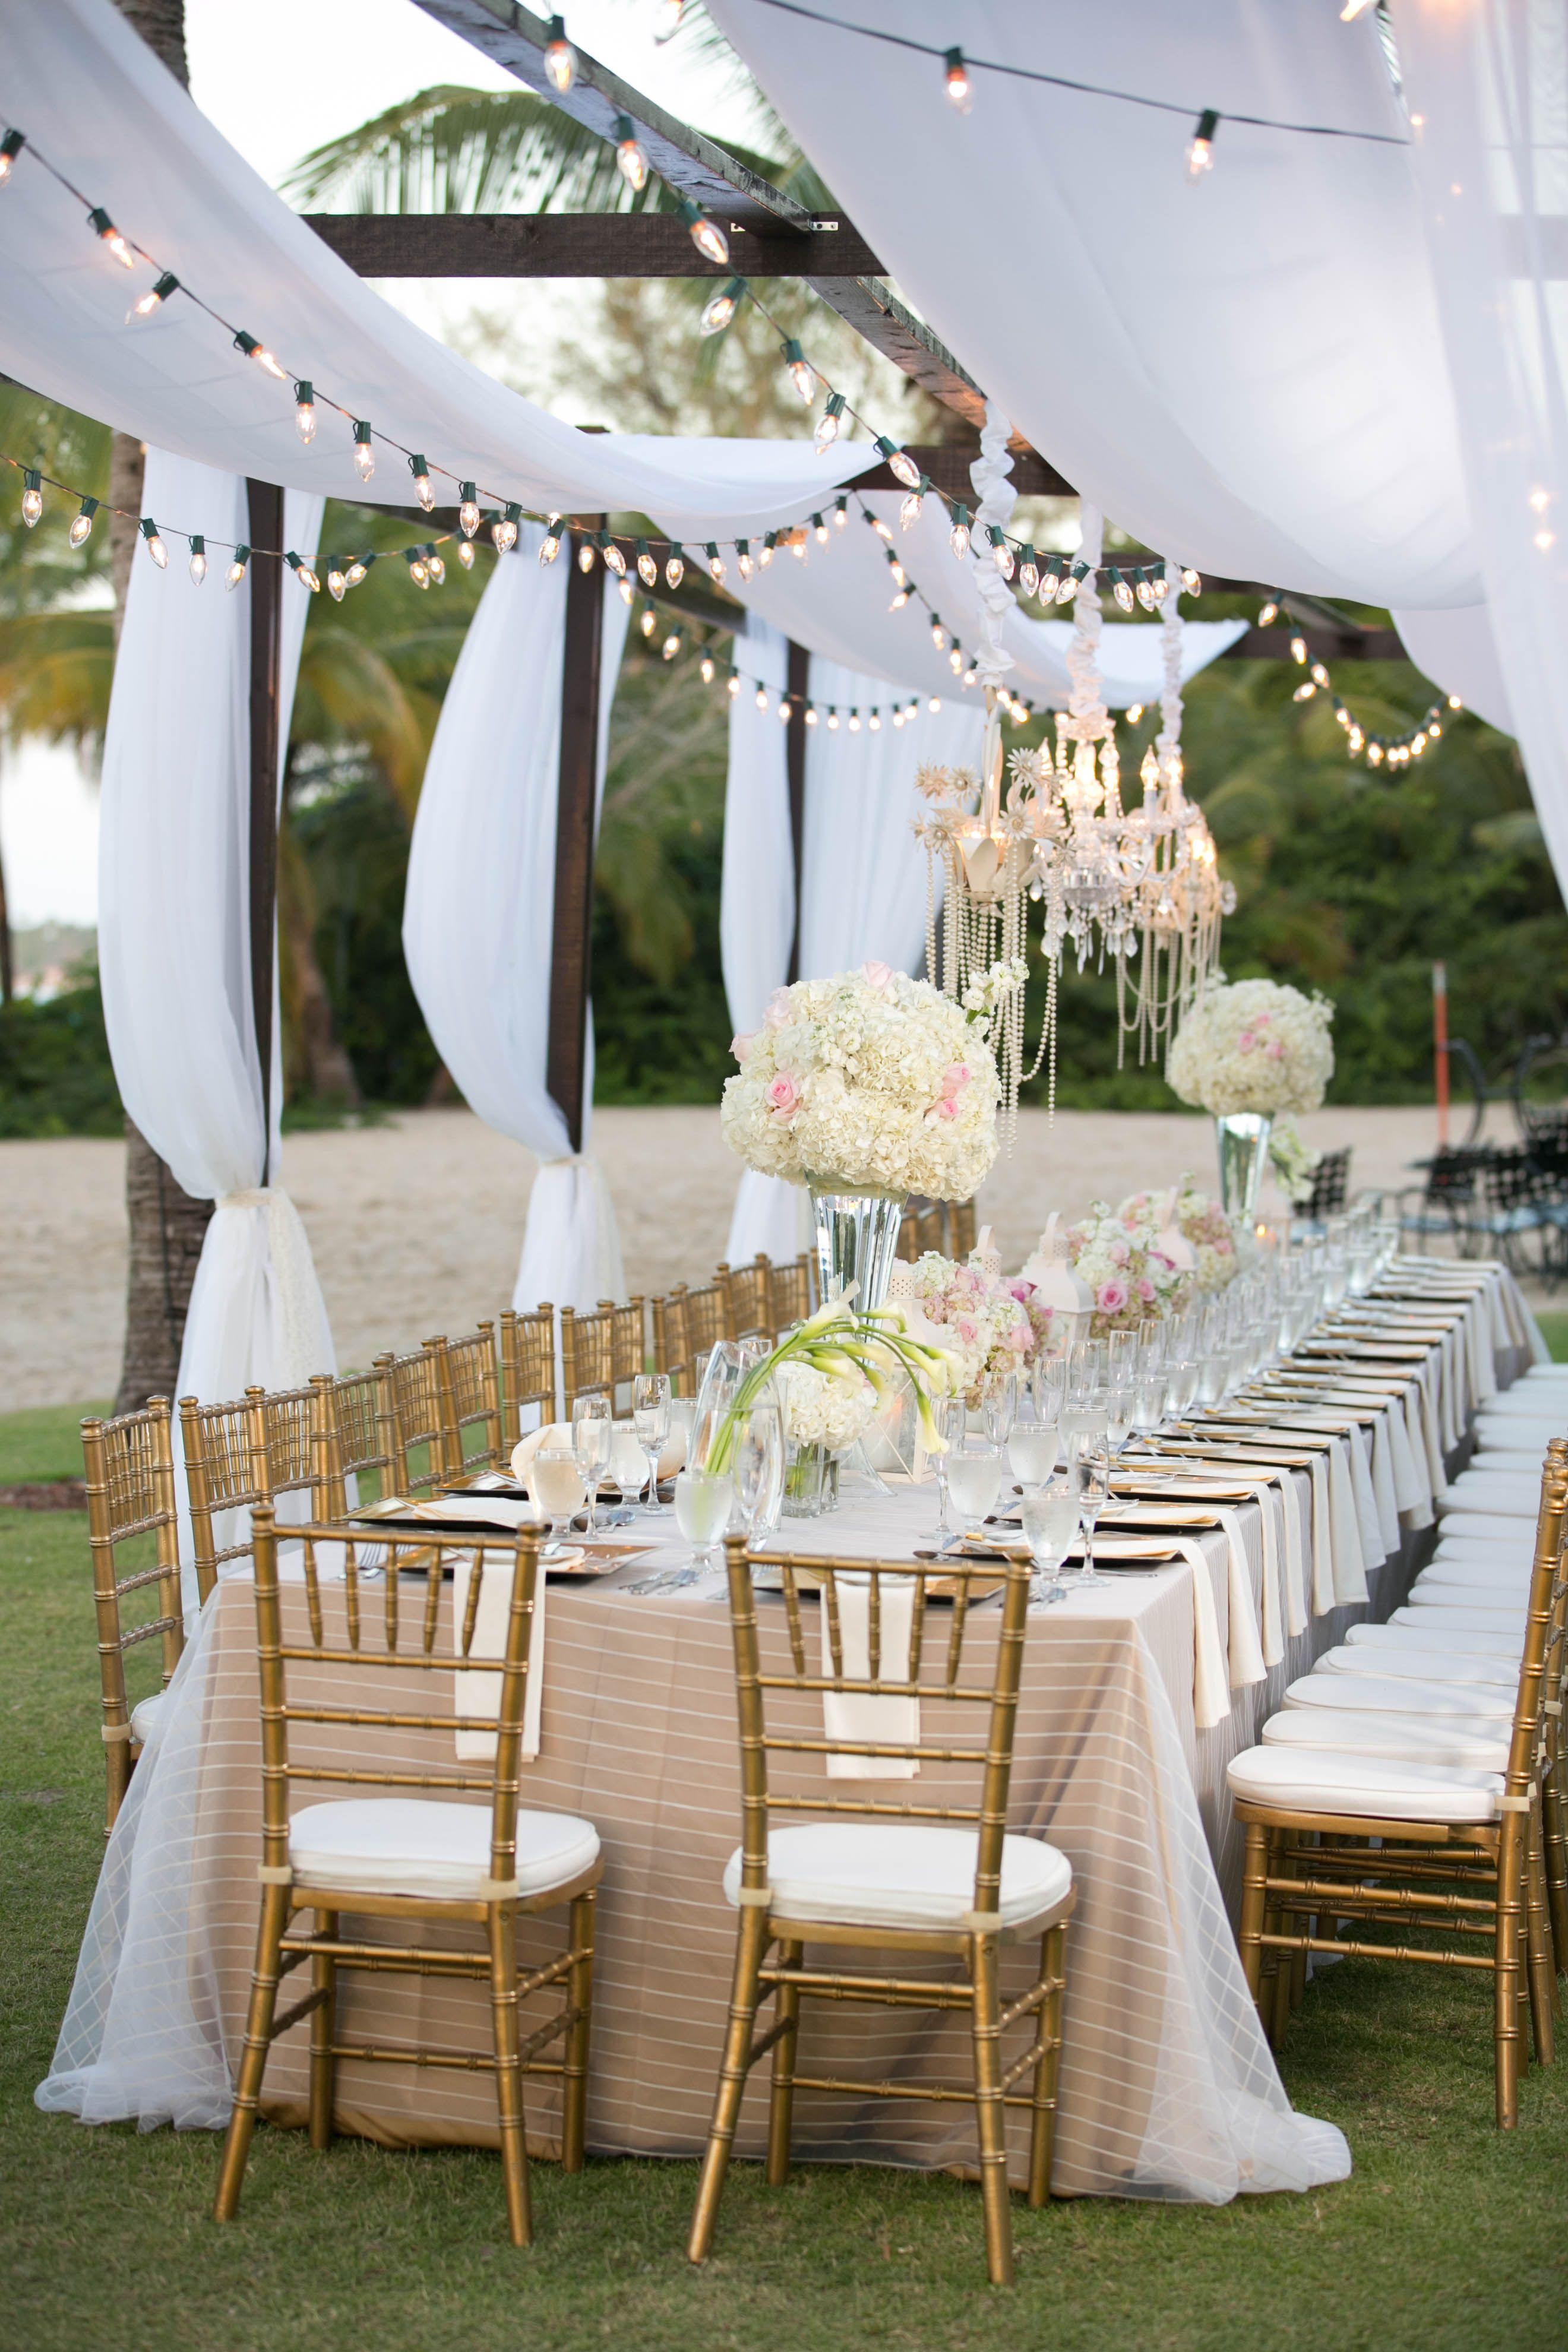 Wedding Venues In Puerto Rico Of Puerto Rico Wedding Venue Ceremony Floor Plans Table